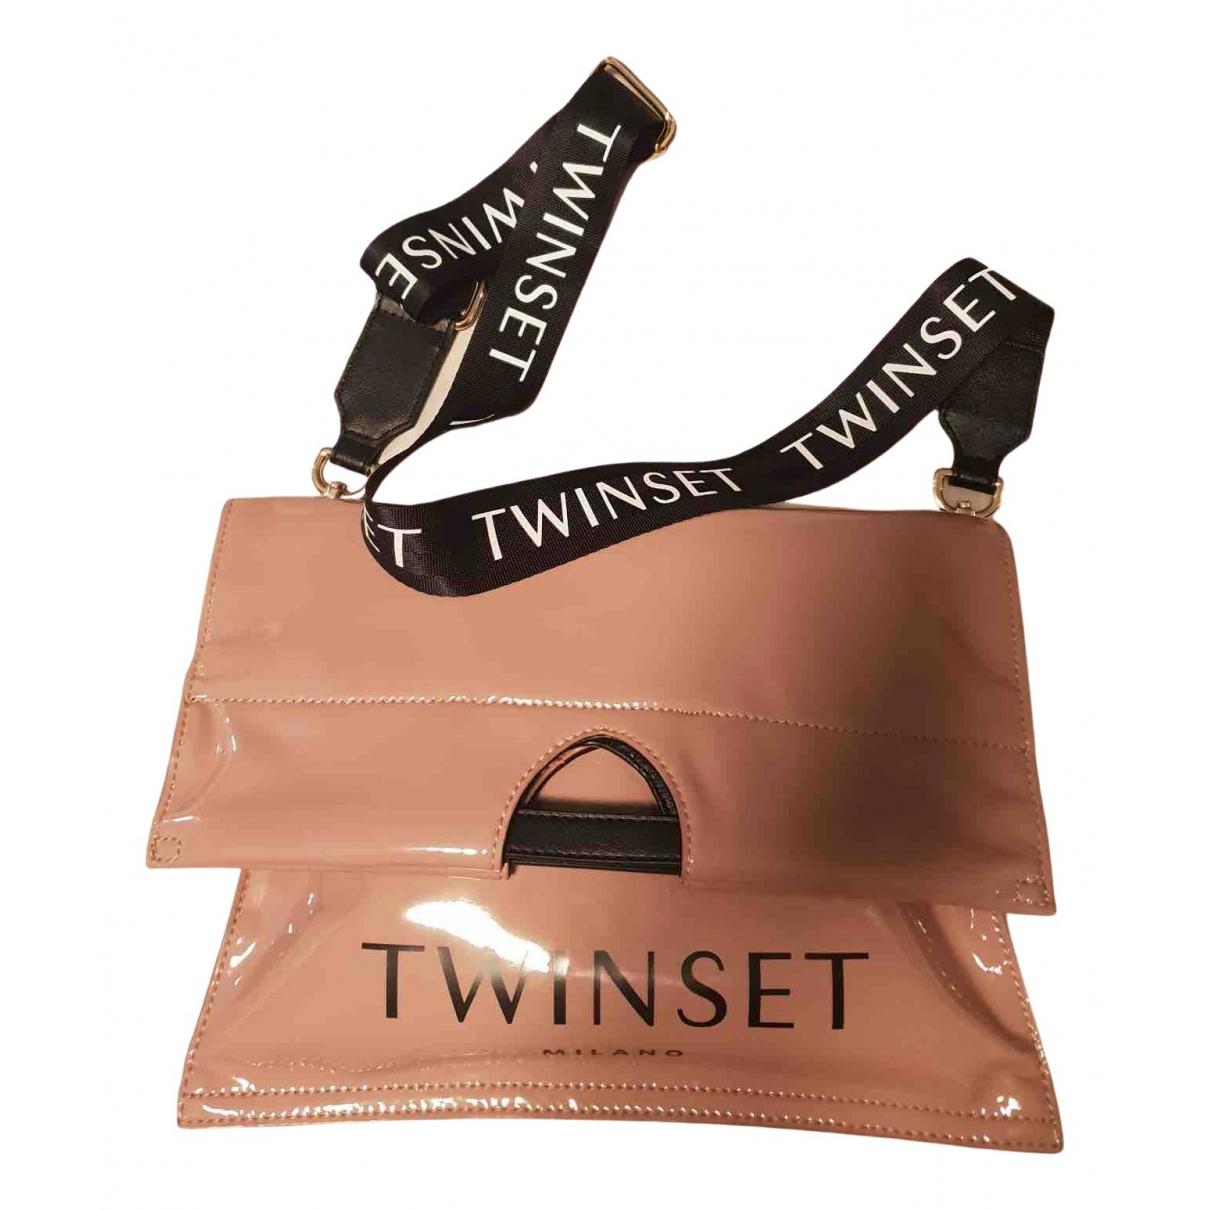 Twin Set - Sac a main   pour femme en cuir verni - rose